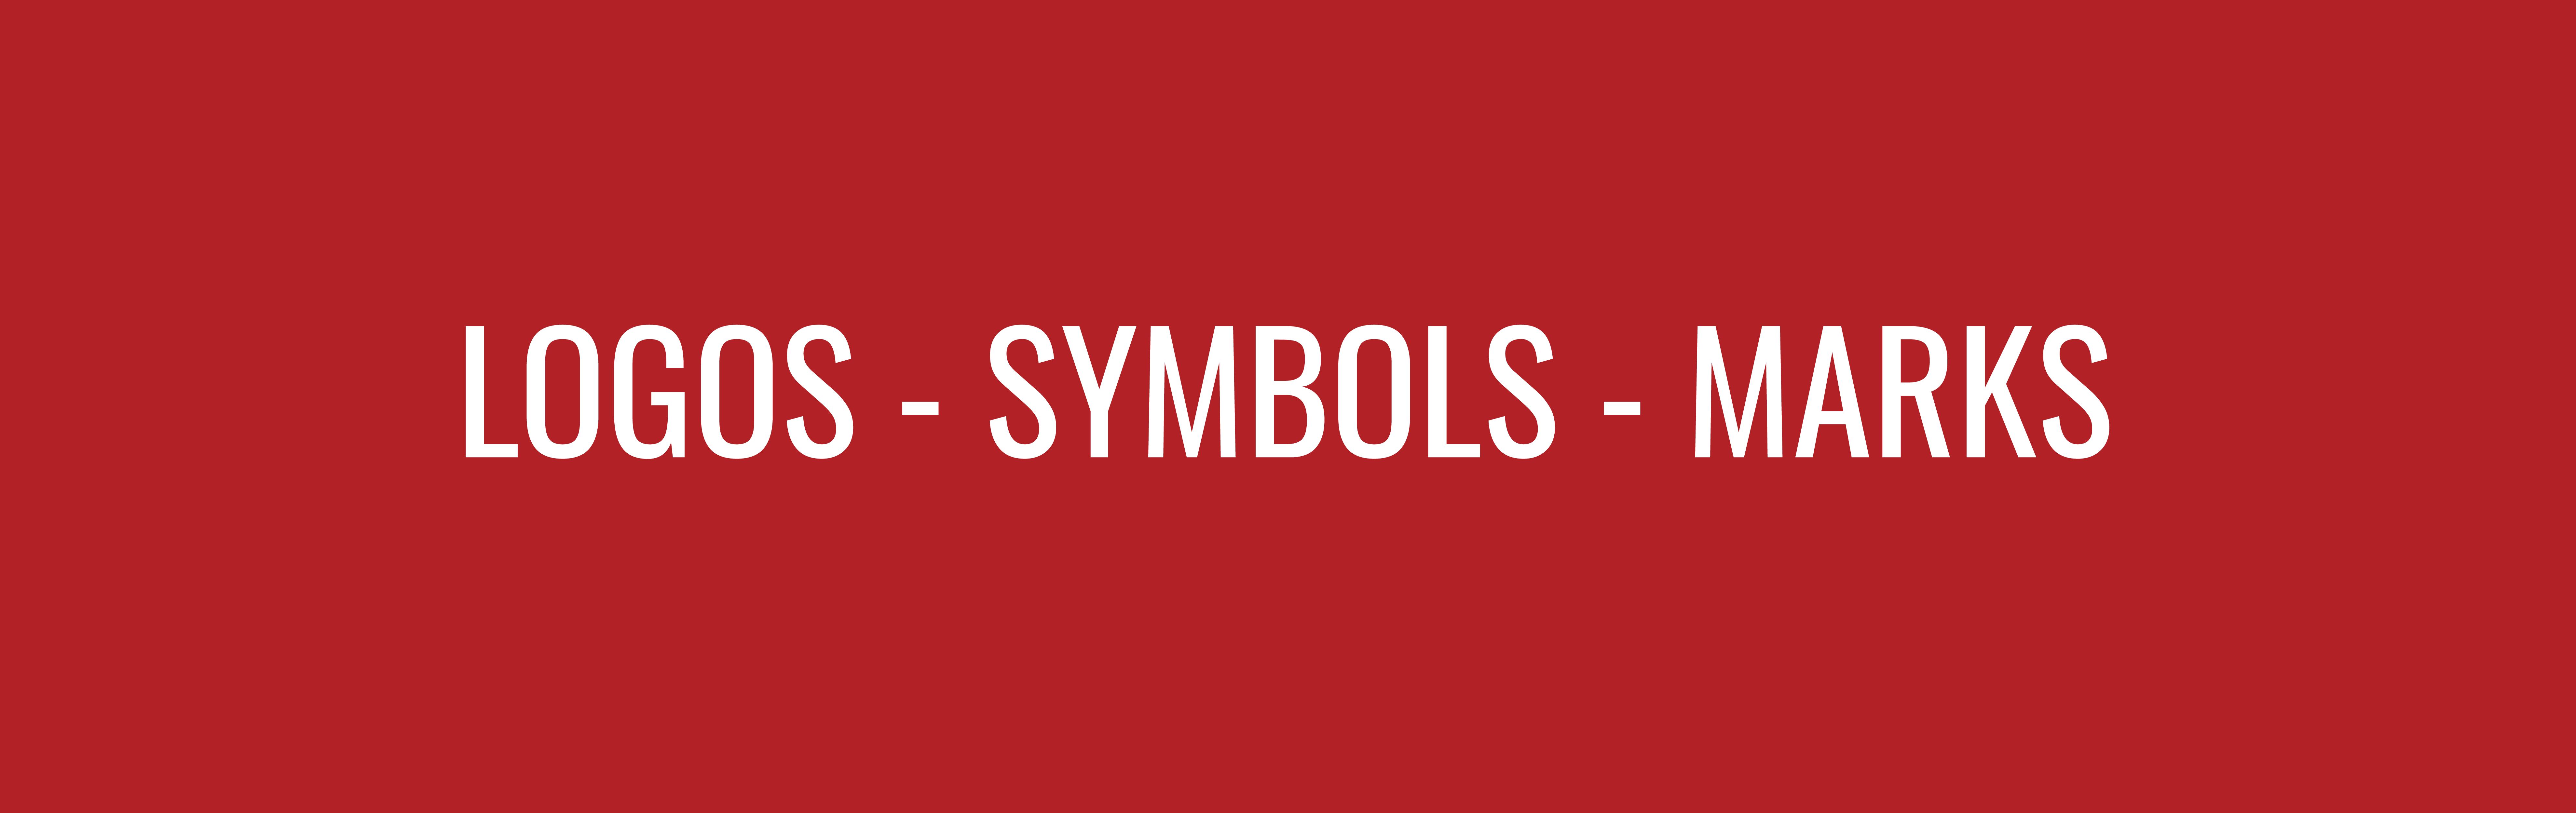 logos1900x600_logos